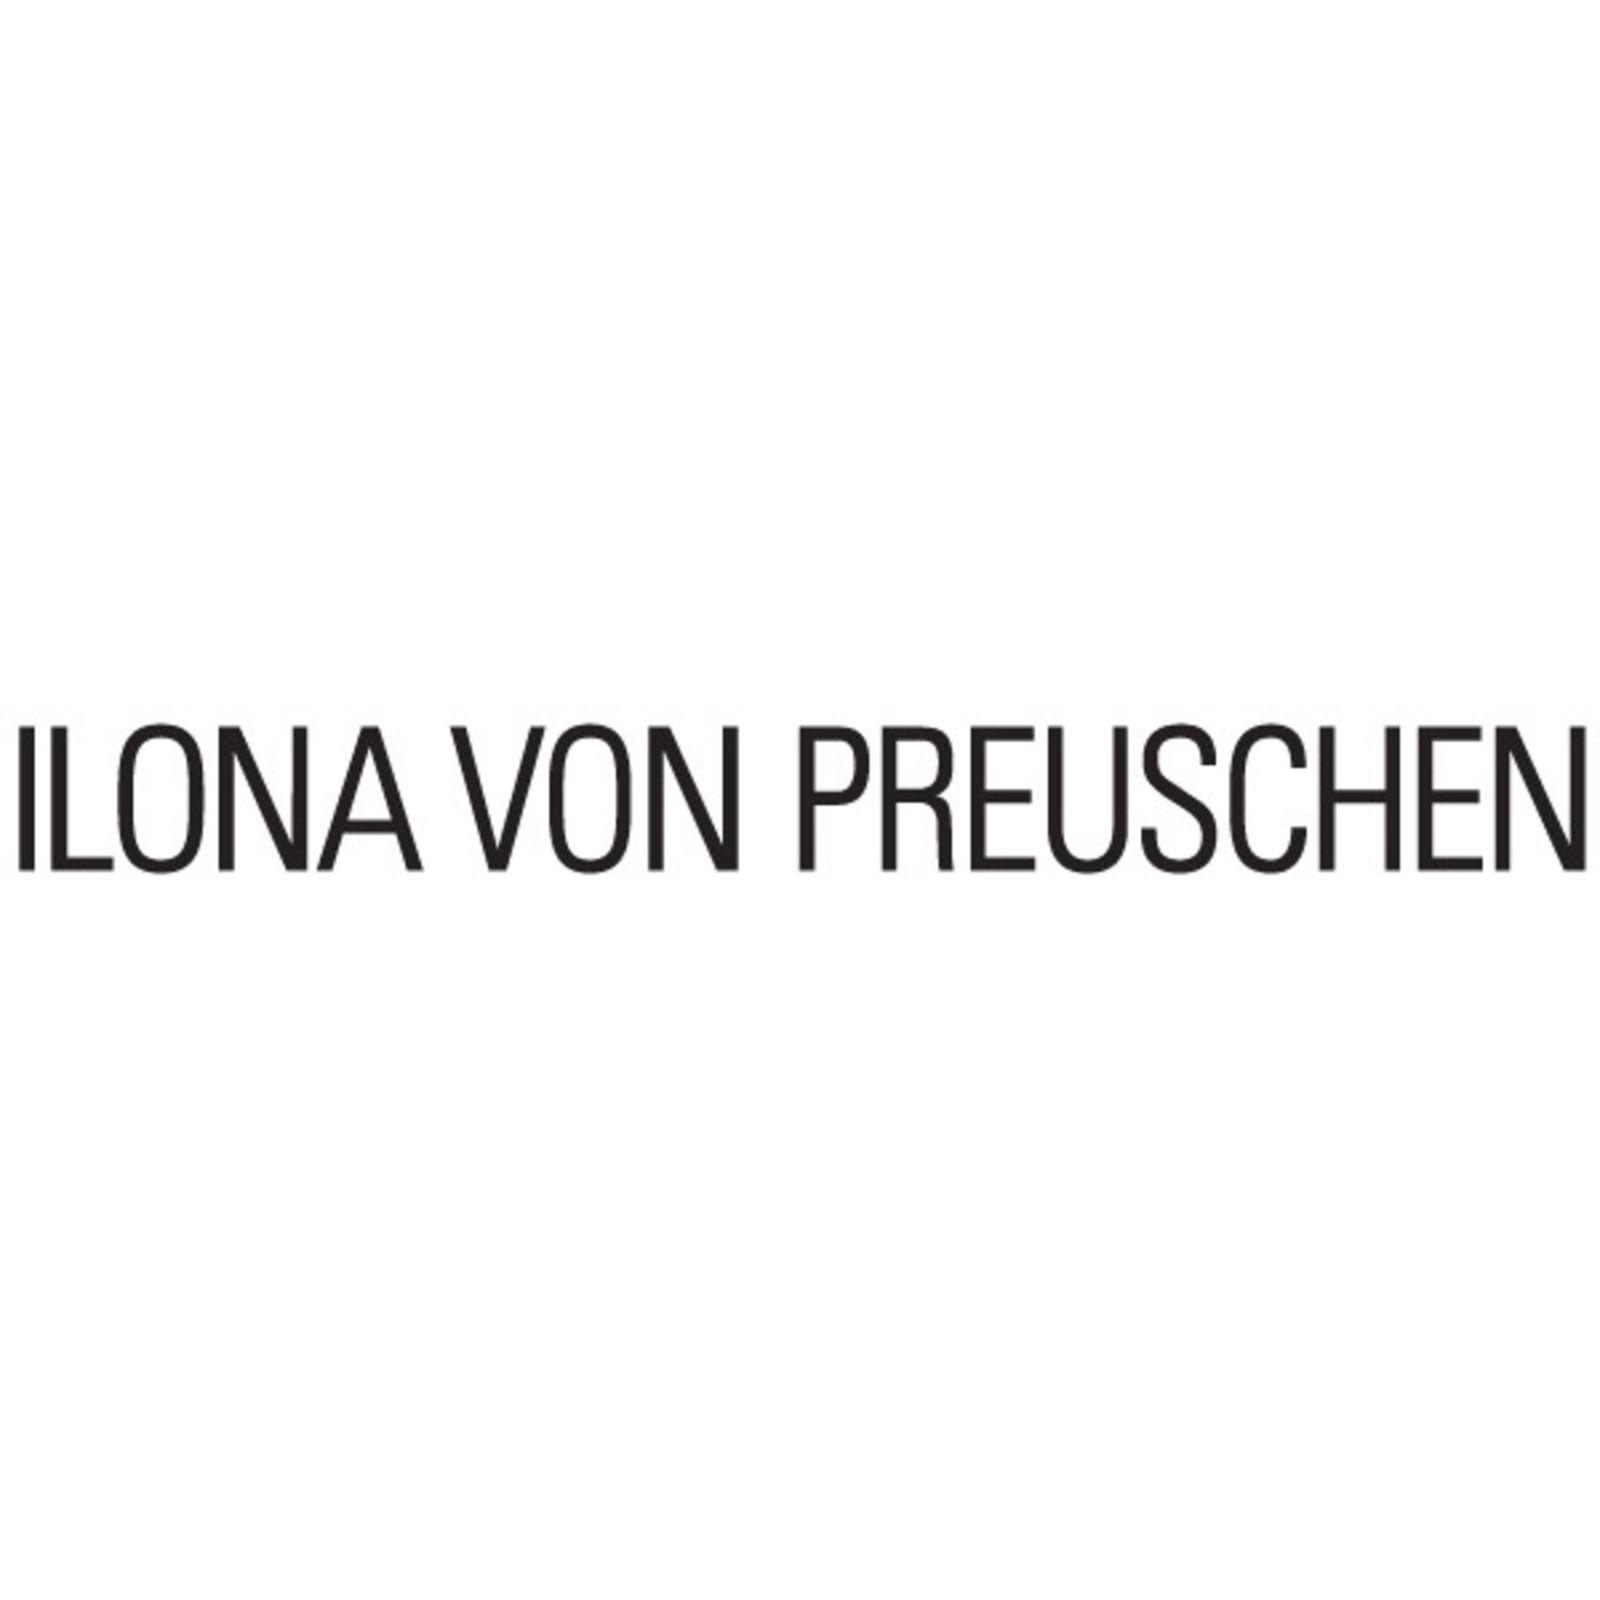 ILONA VON PREUSCHEN (Bild 1)